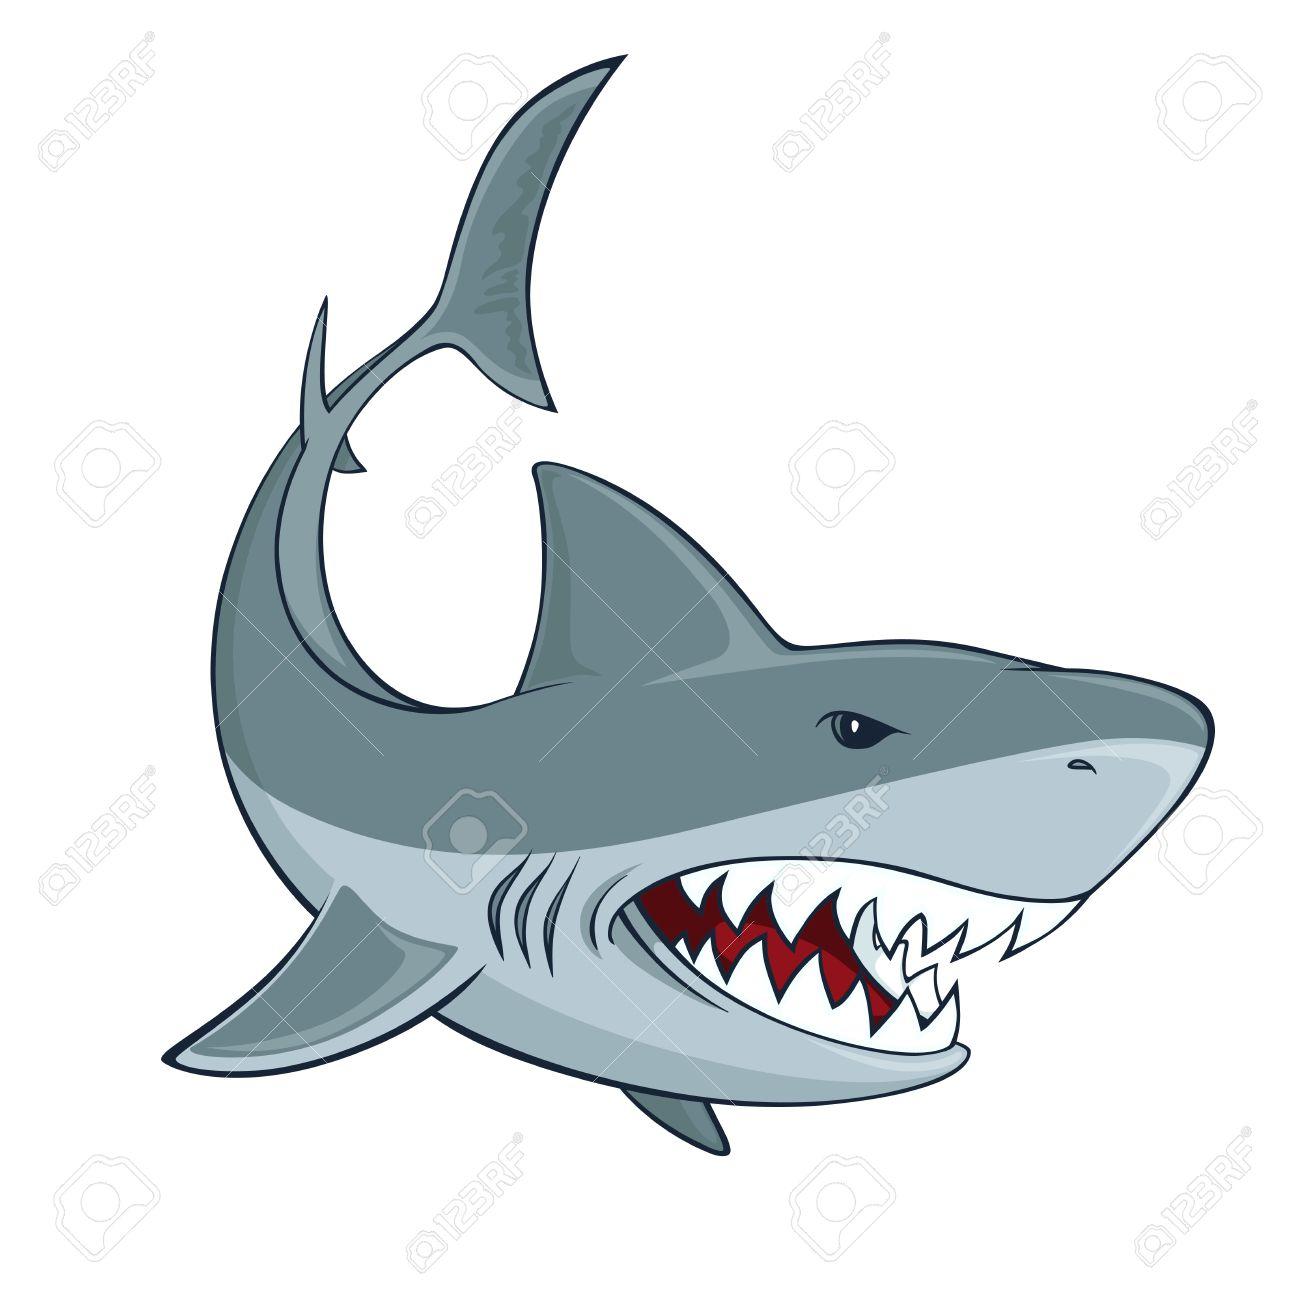 1299x1300 Bull Shark Clipart Cartoon